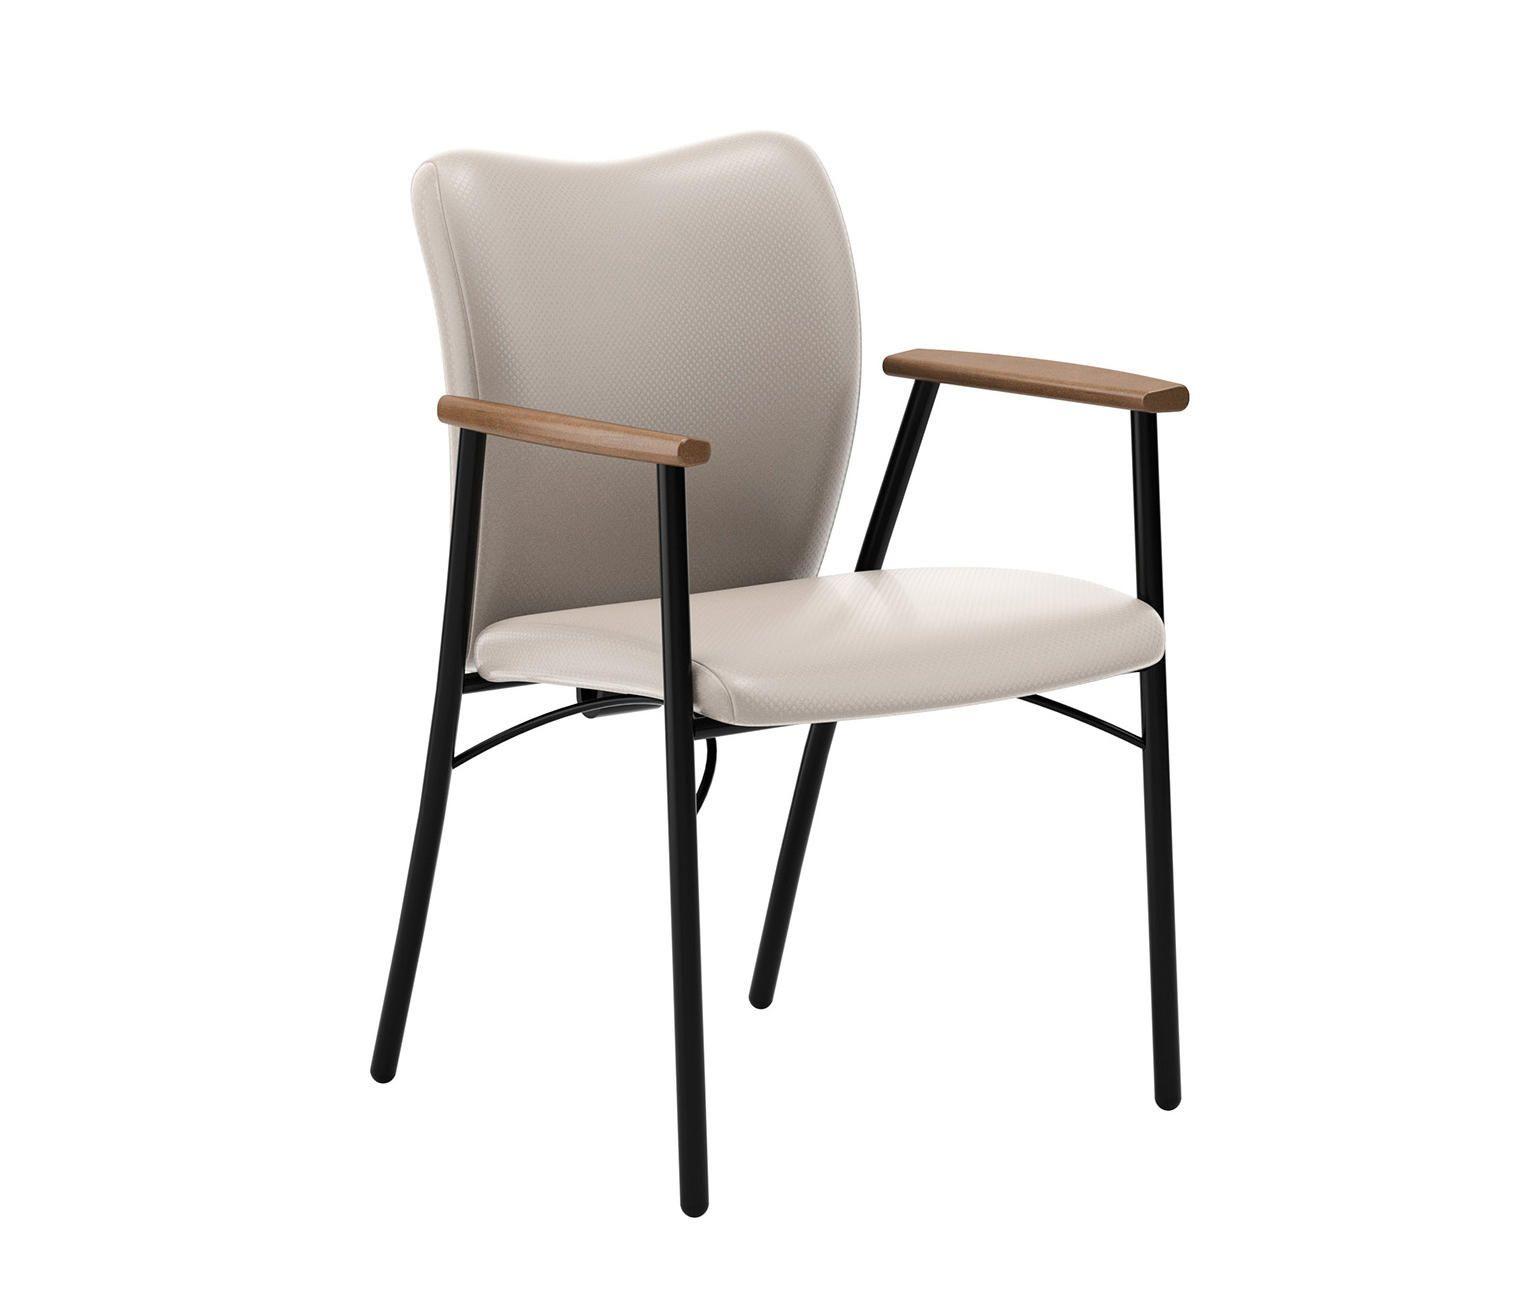 Esszimmermöbel mit lagerung stühle mit armlehnen l förmigen schreibtisch wo zu kaufen